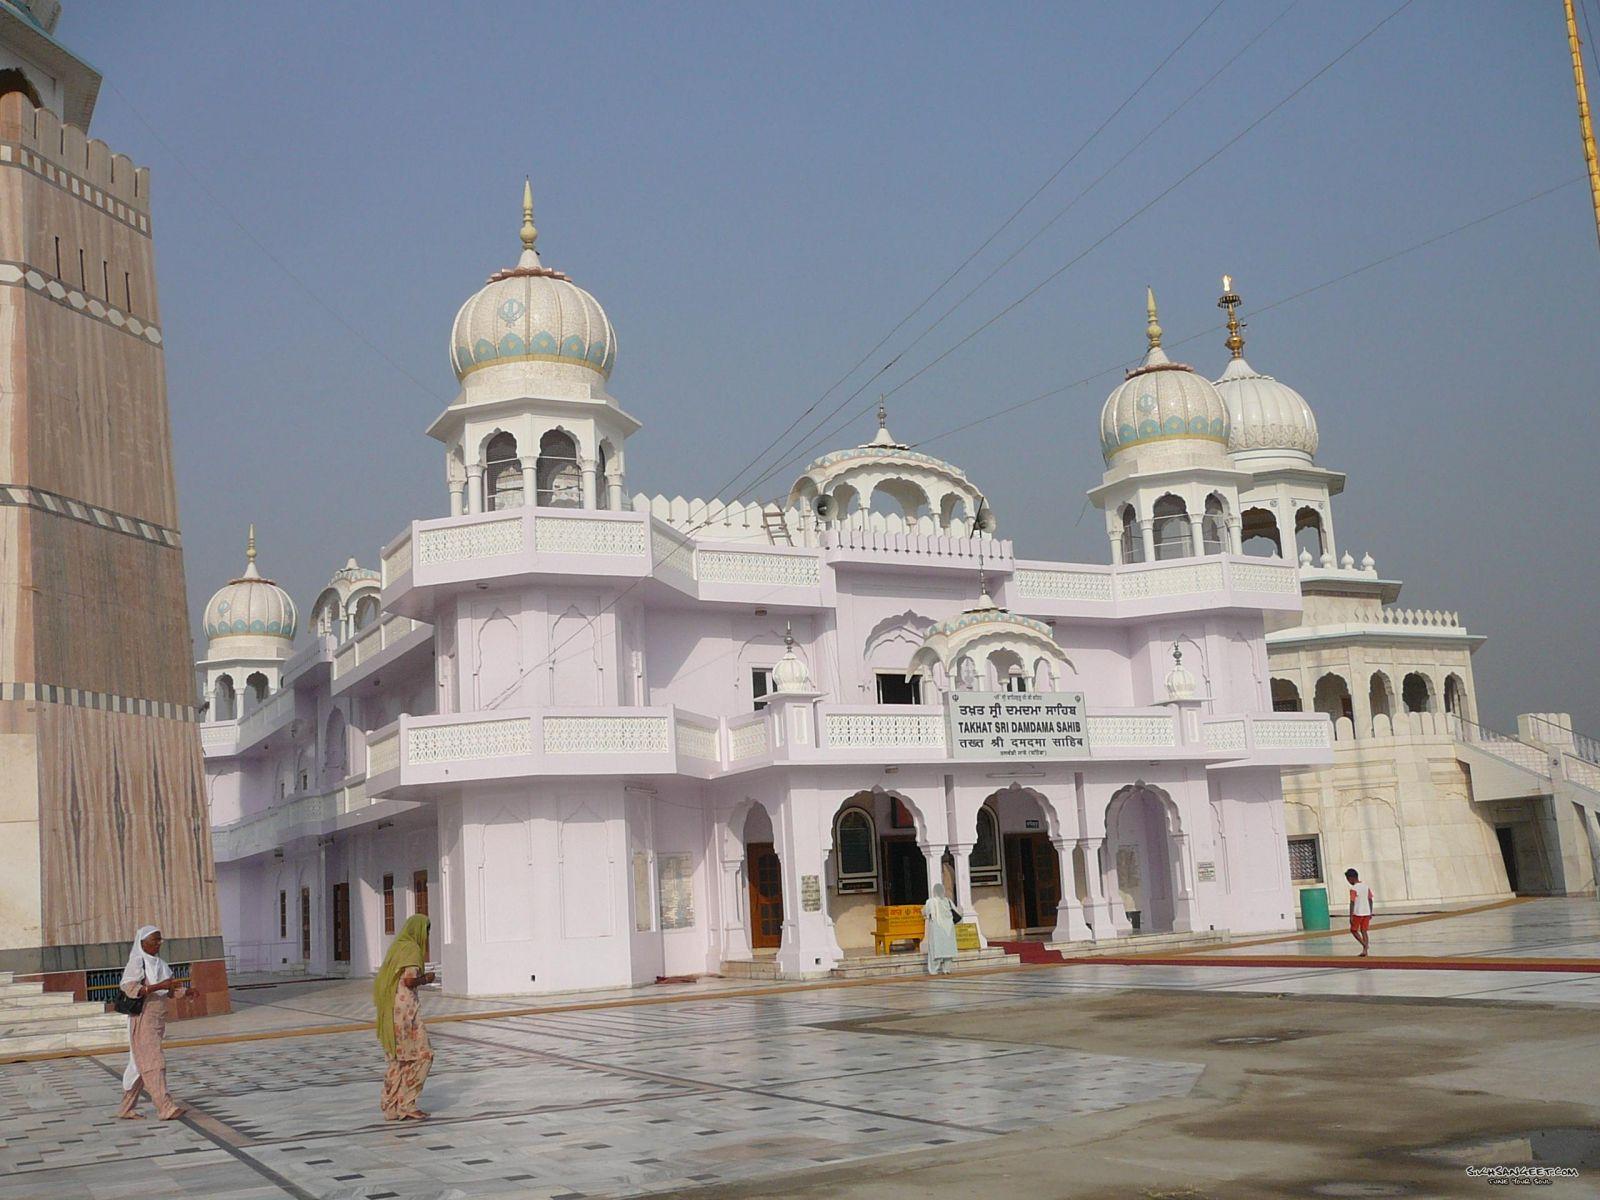 Punjab Gurudwara Tour Package - Holiday Travel